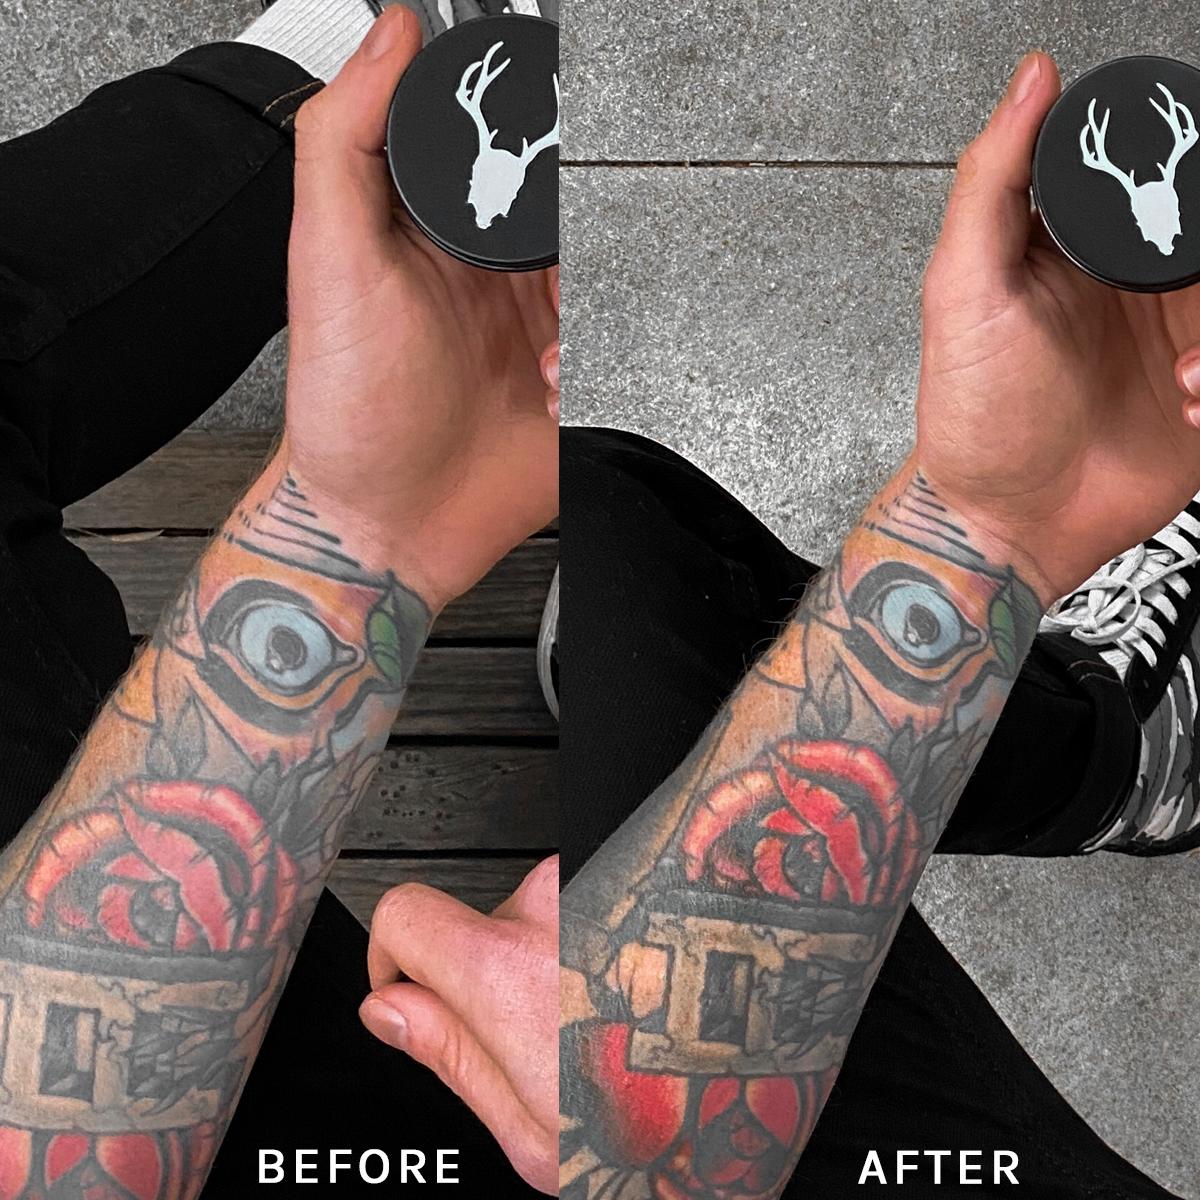 Tattoo Balm Rabbit Tattoos Tattoos Tattoo Aftercare